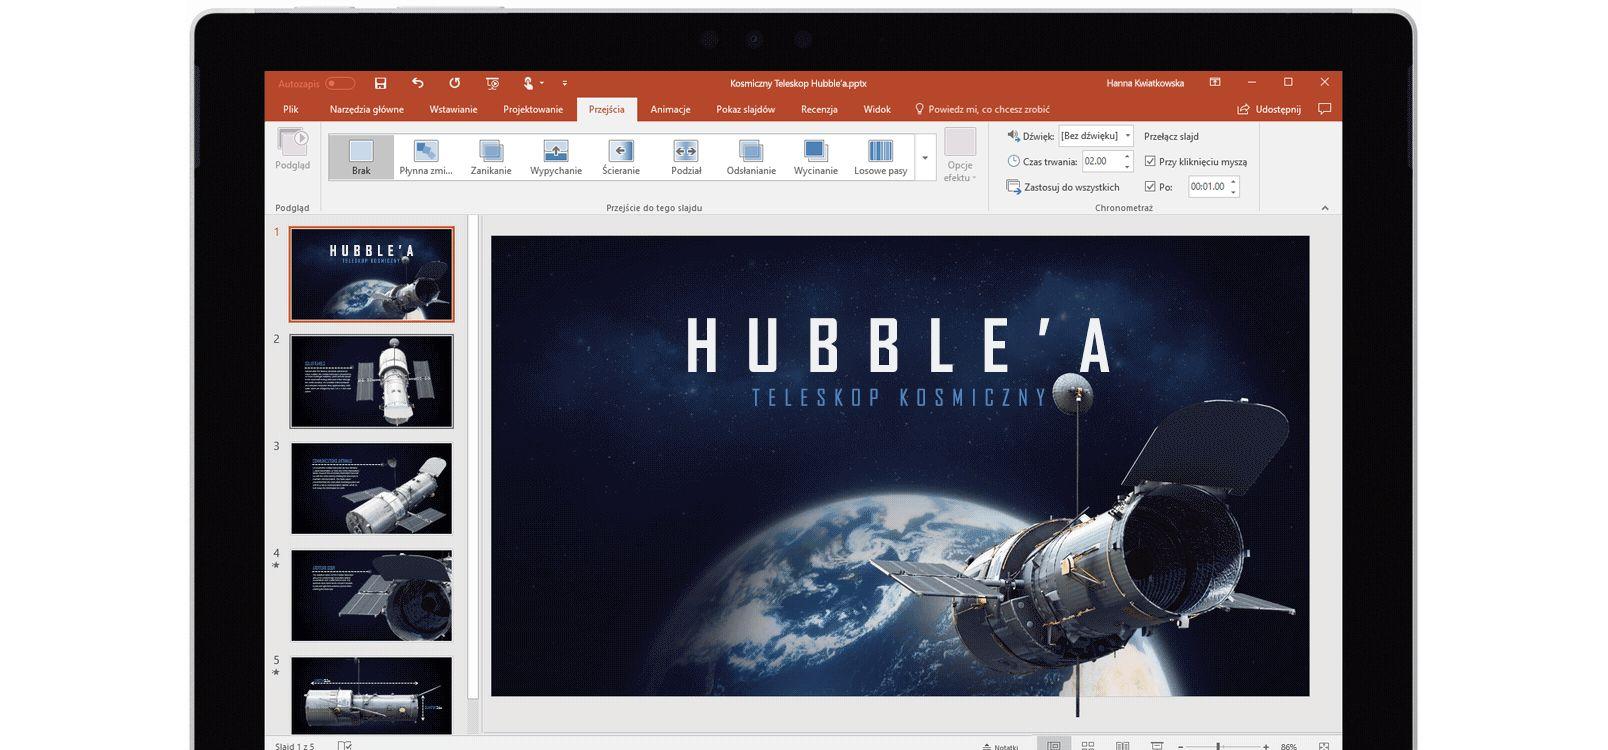 Ekran tabletu przedstawiający przejście Płynna zmiana używane w prezentacji na temat teleskopów kosmicznych w programie PowerPoint